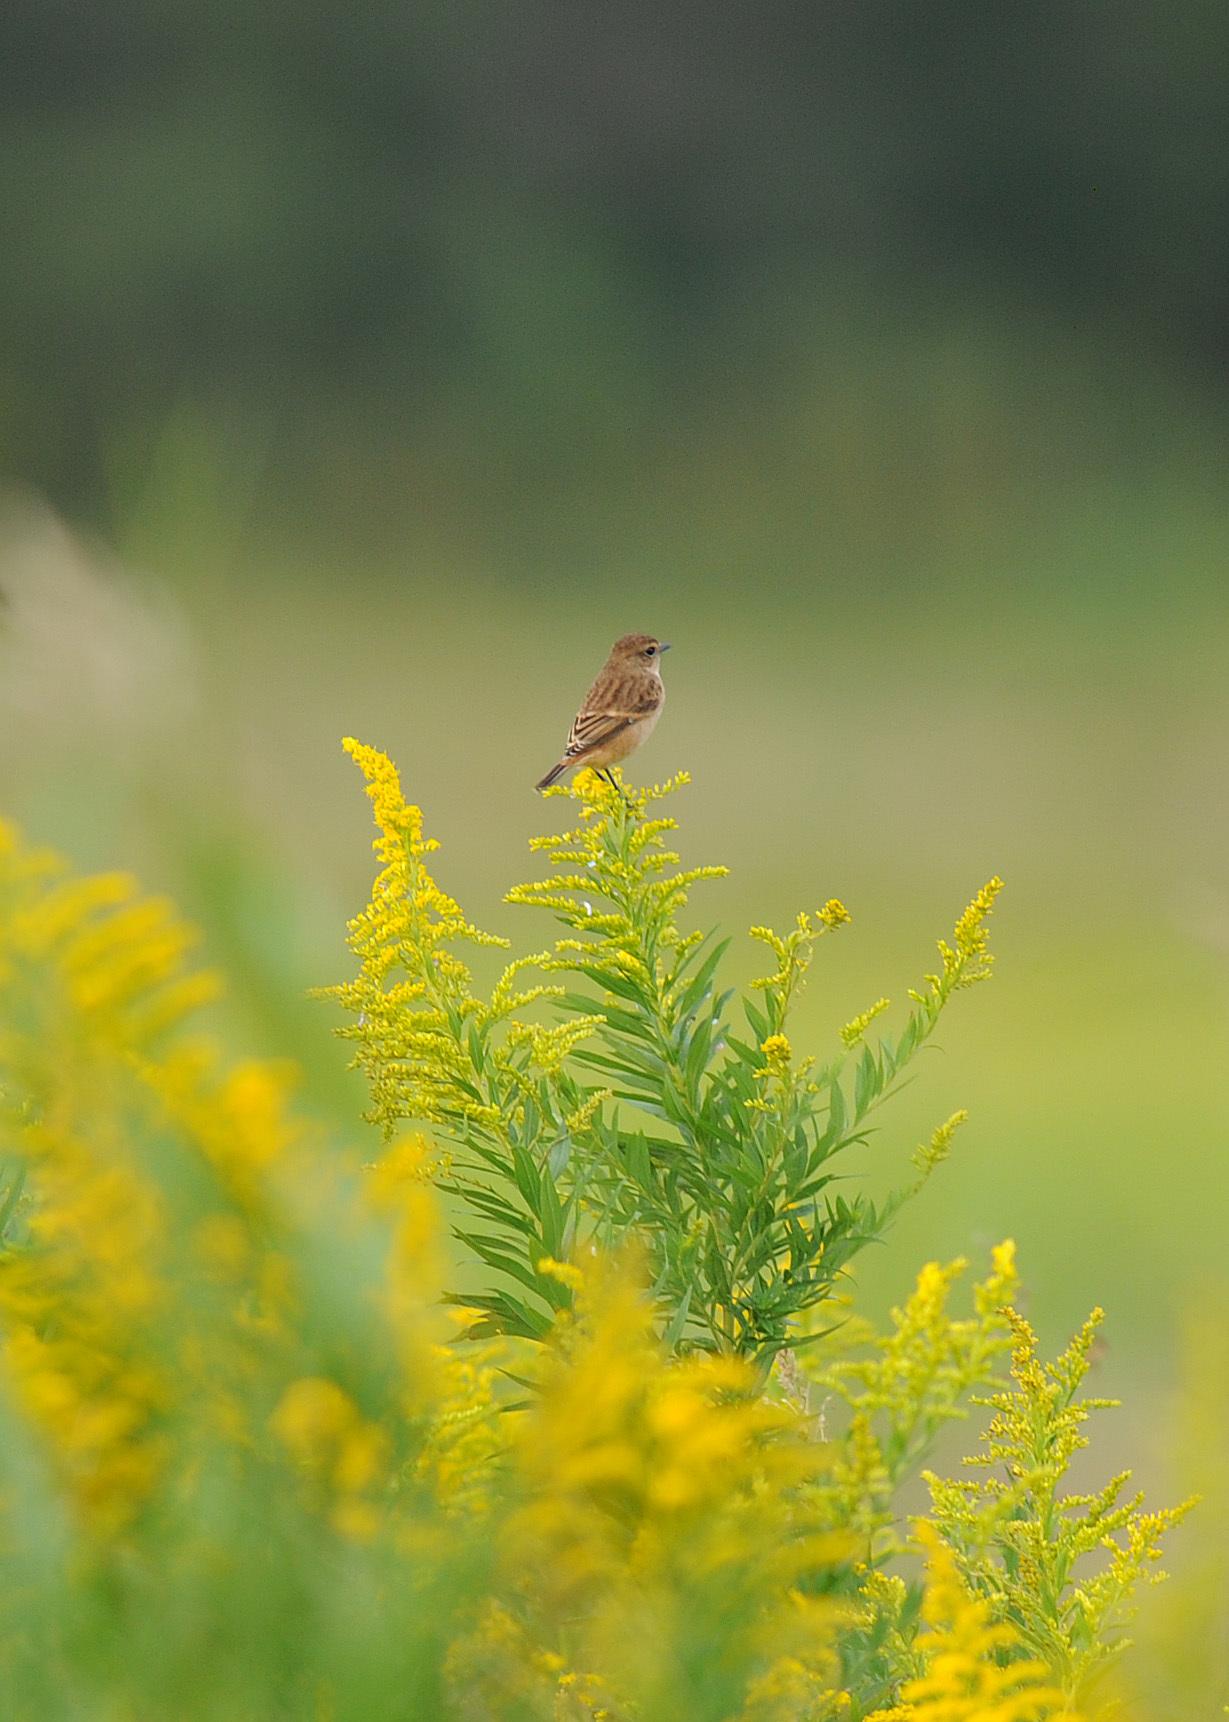 渡り鳥の立ち寄りです ノビタキ Ⅰ_d0290240_06151743.jpg